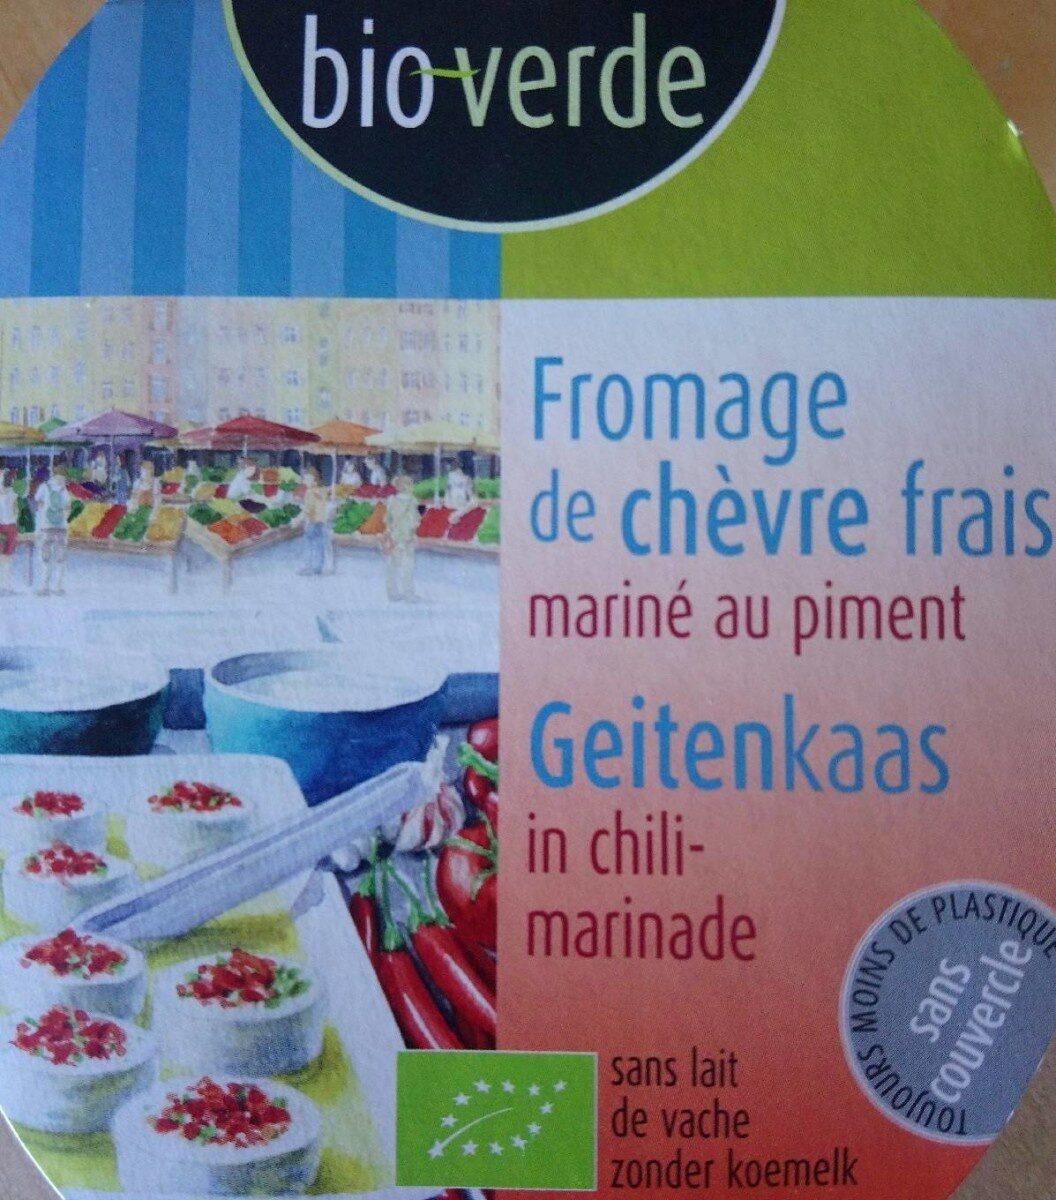 Fromage de chèvre frais mariné au piment - Produit - fr